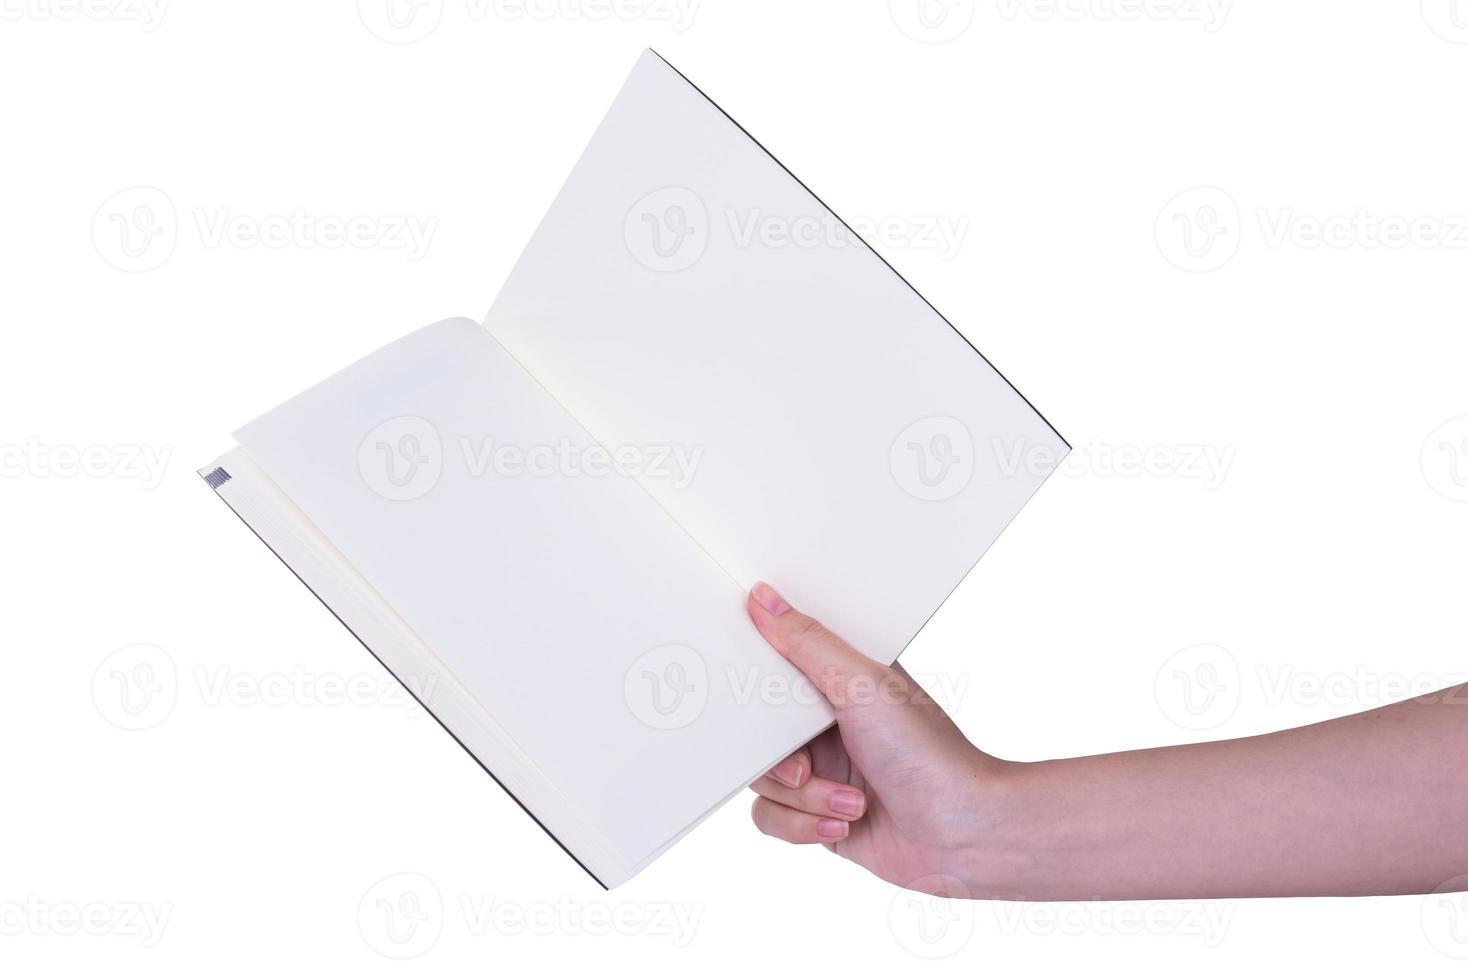 Frau (weiblich) zwei Hände halten ein leeres (leeres) Buch (Notiz, Tagebuch) foto